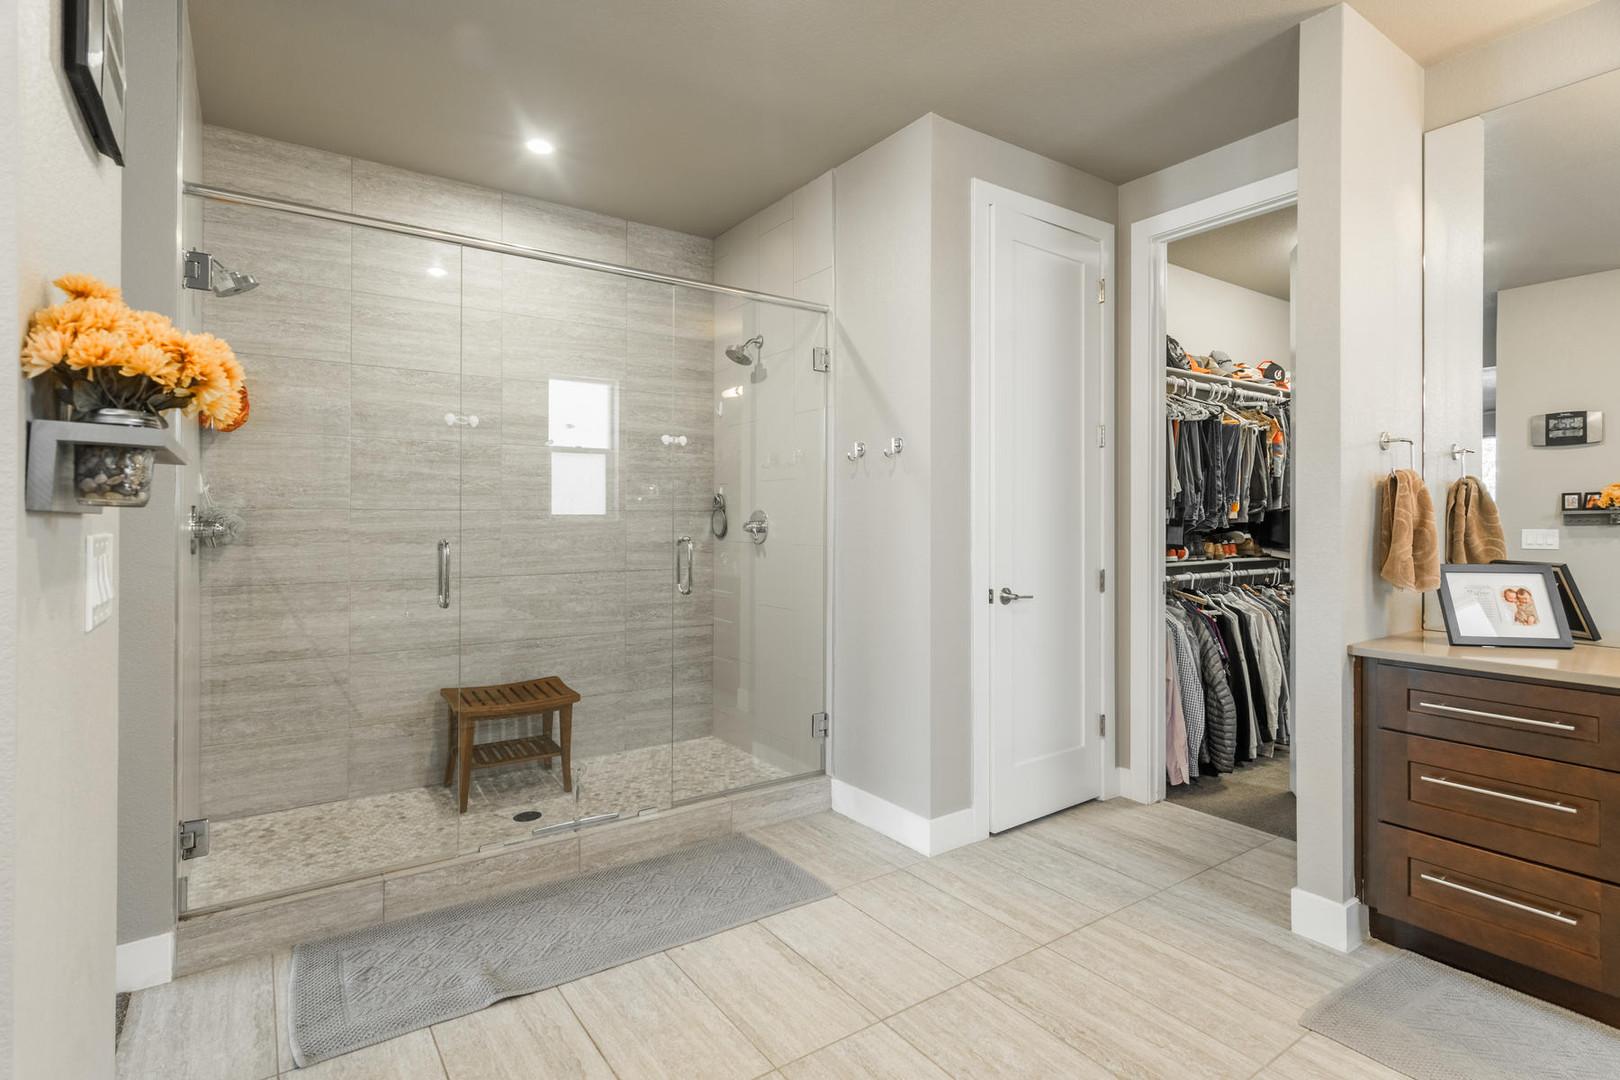 5001 Quitman Street-019-001-Master Suite